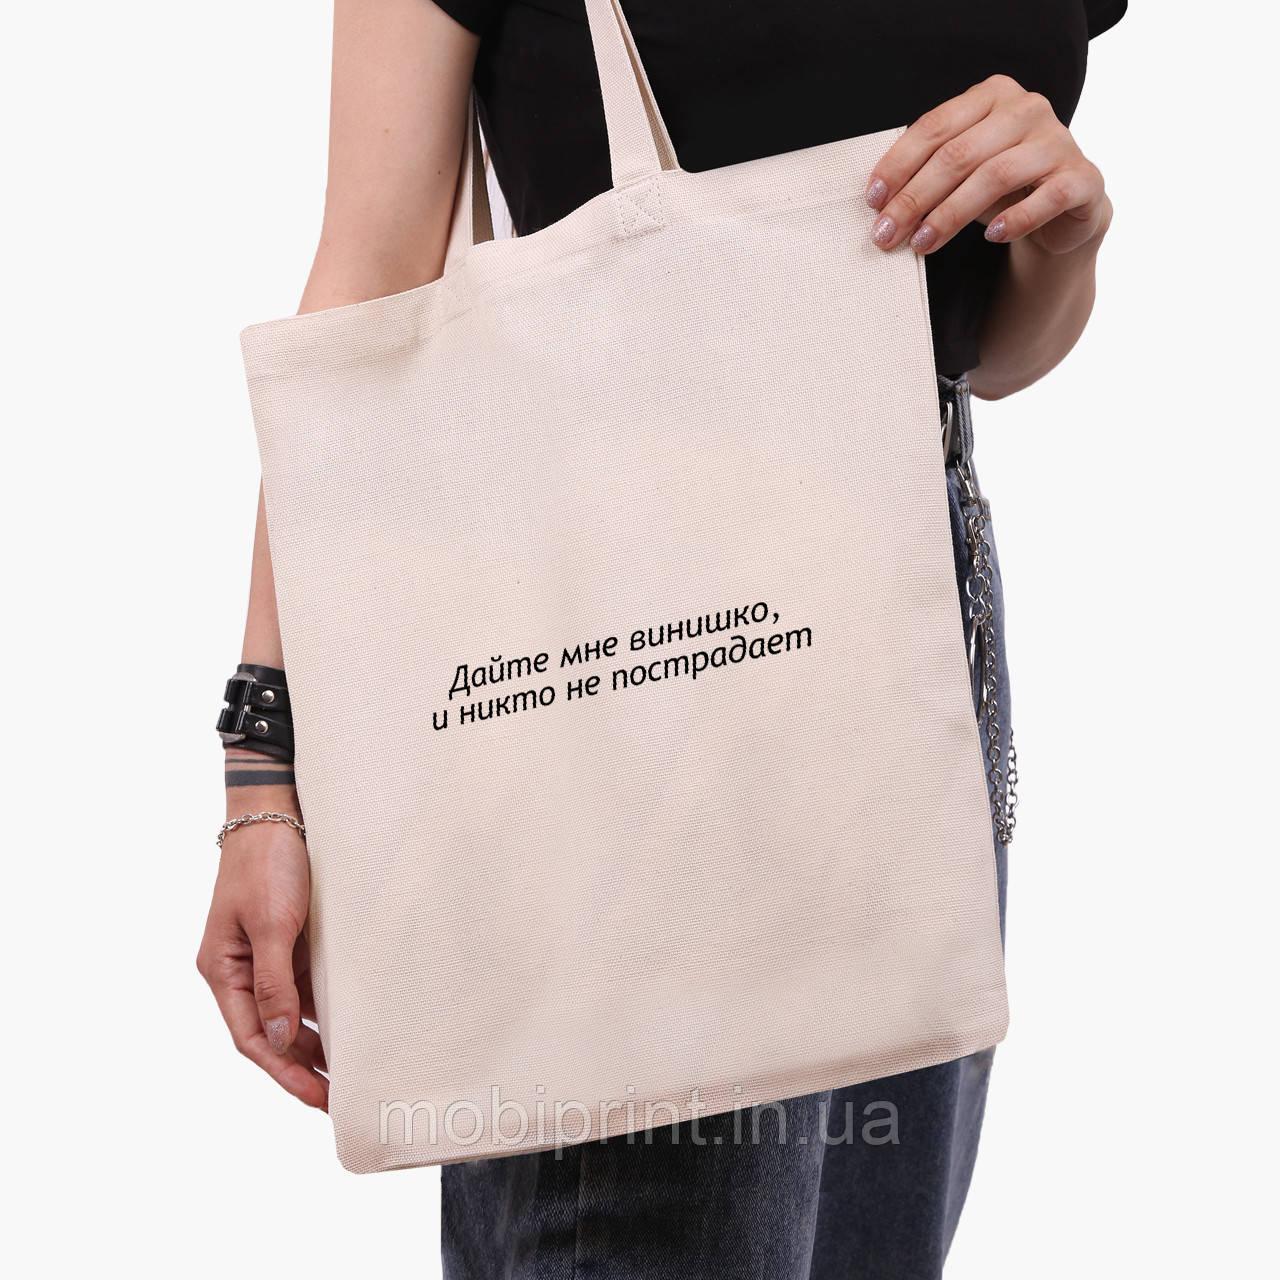 Эко сумка шоппер Дайте мне винишко (Give me wine) (9227-1293) экосумка шопер 41*35 см